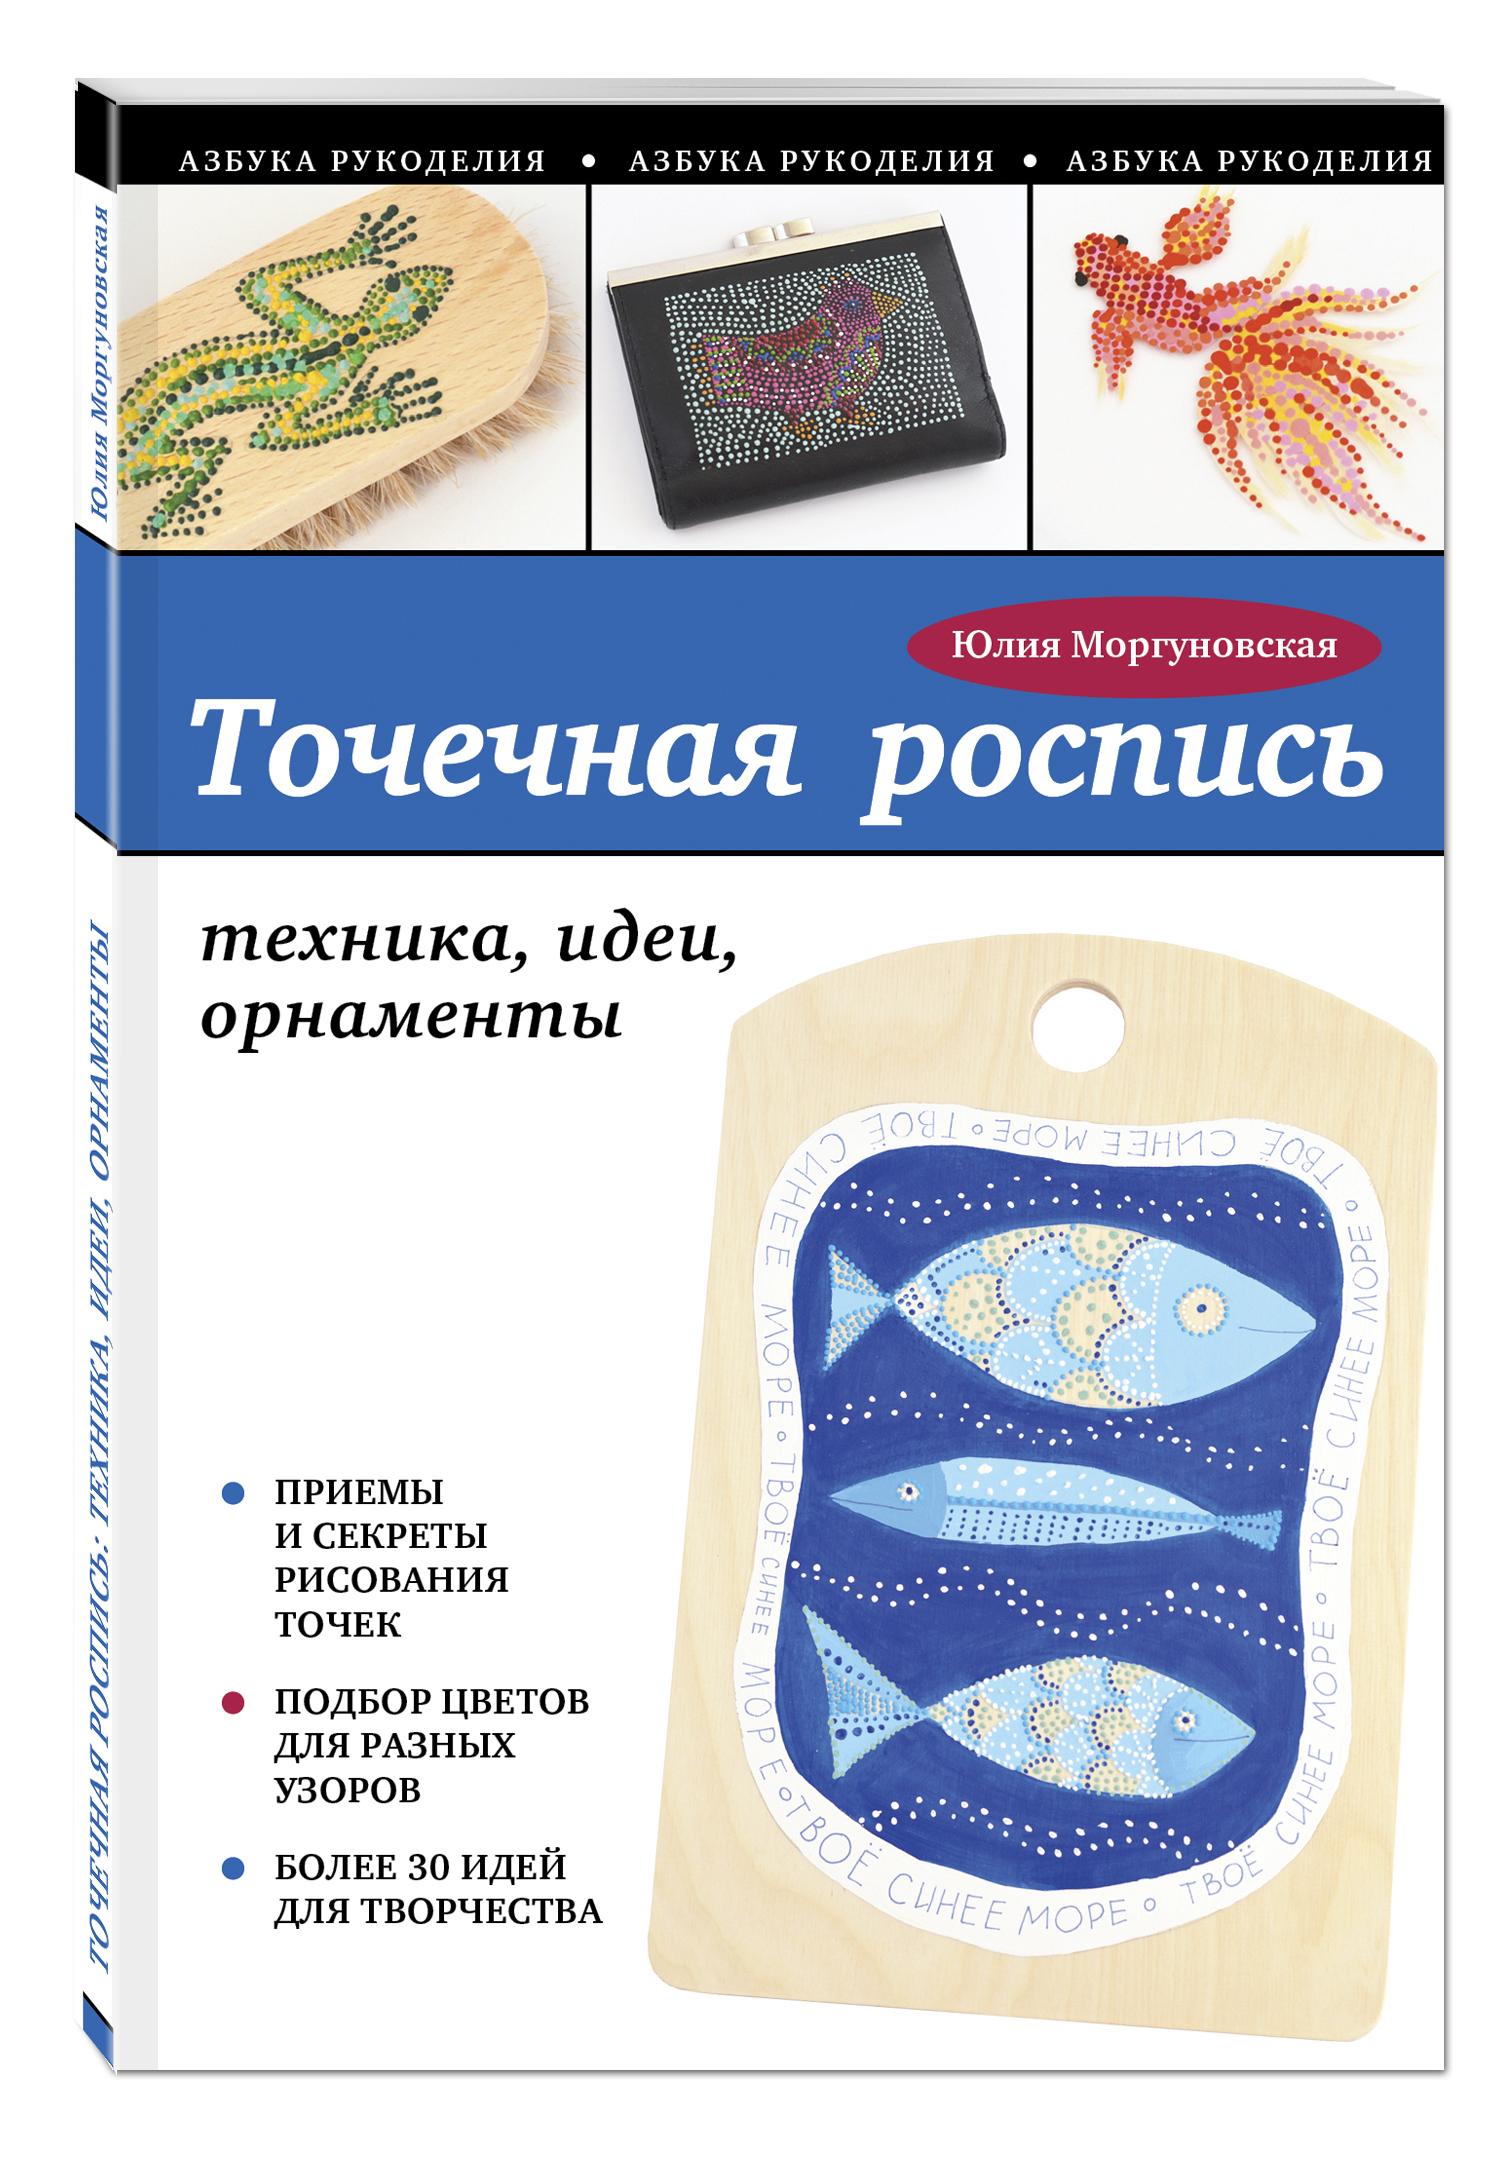 Точечная роспись: техника, идеи, орнаменты ( Моргуновская Ю.О.  )